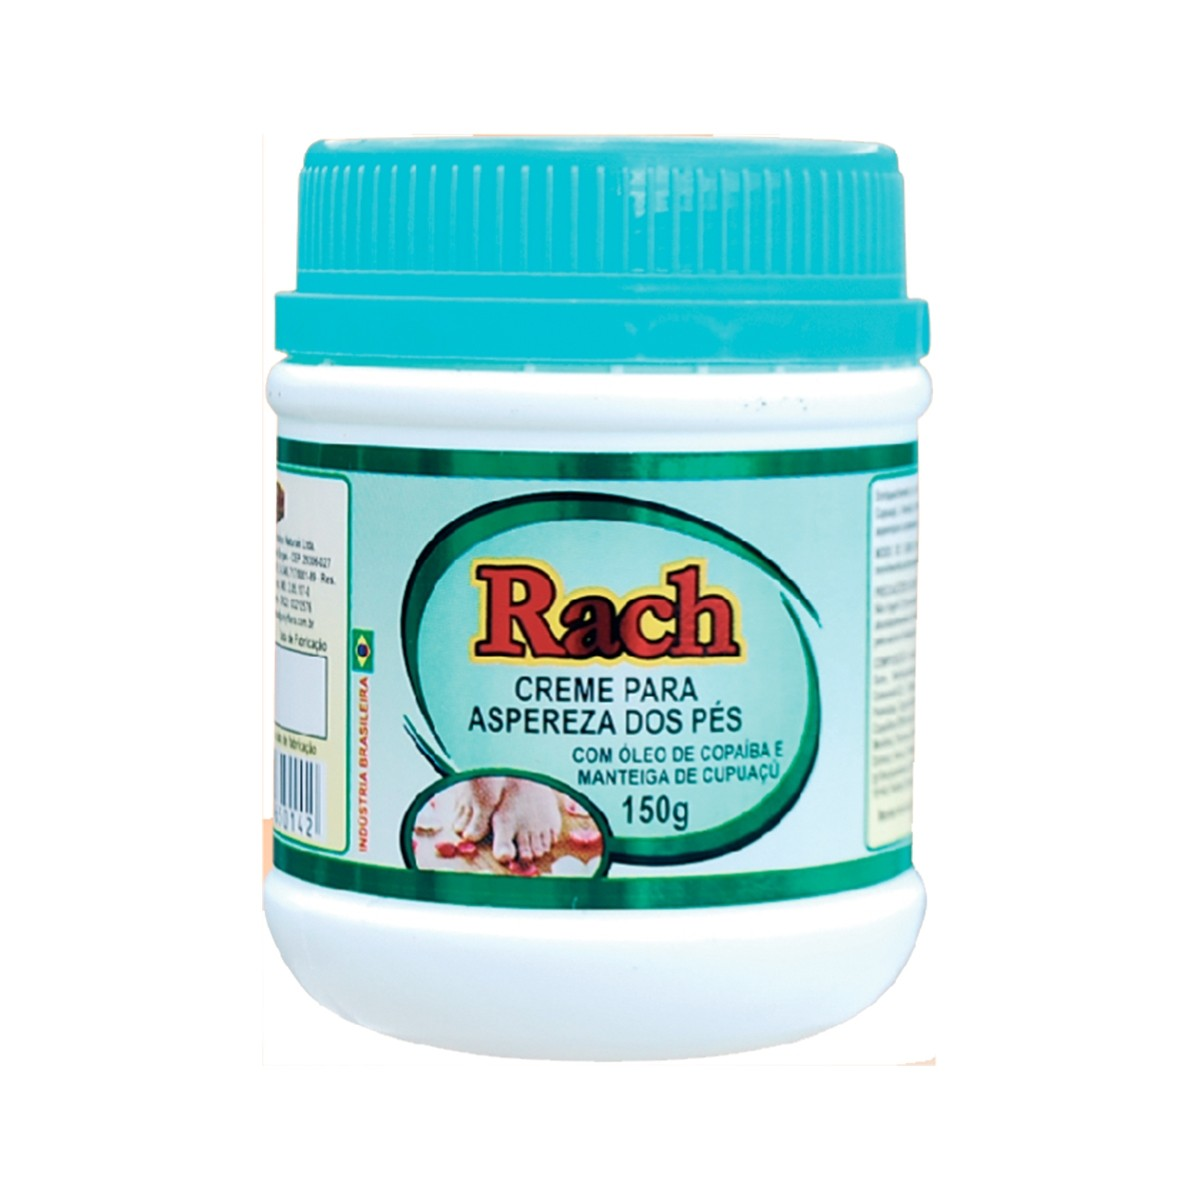 Creme Rach Aspereza dos Pés 150g - Poly Flora